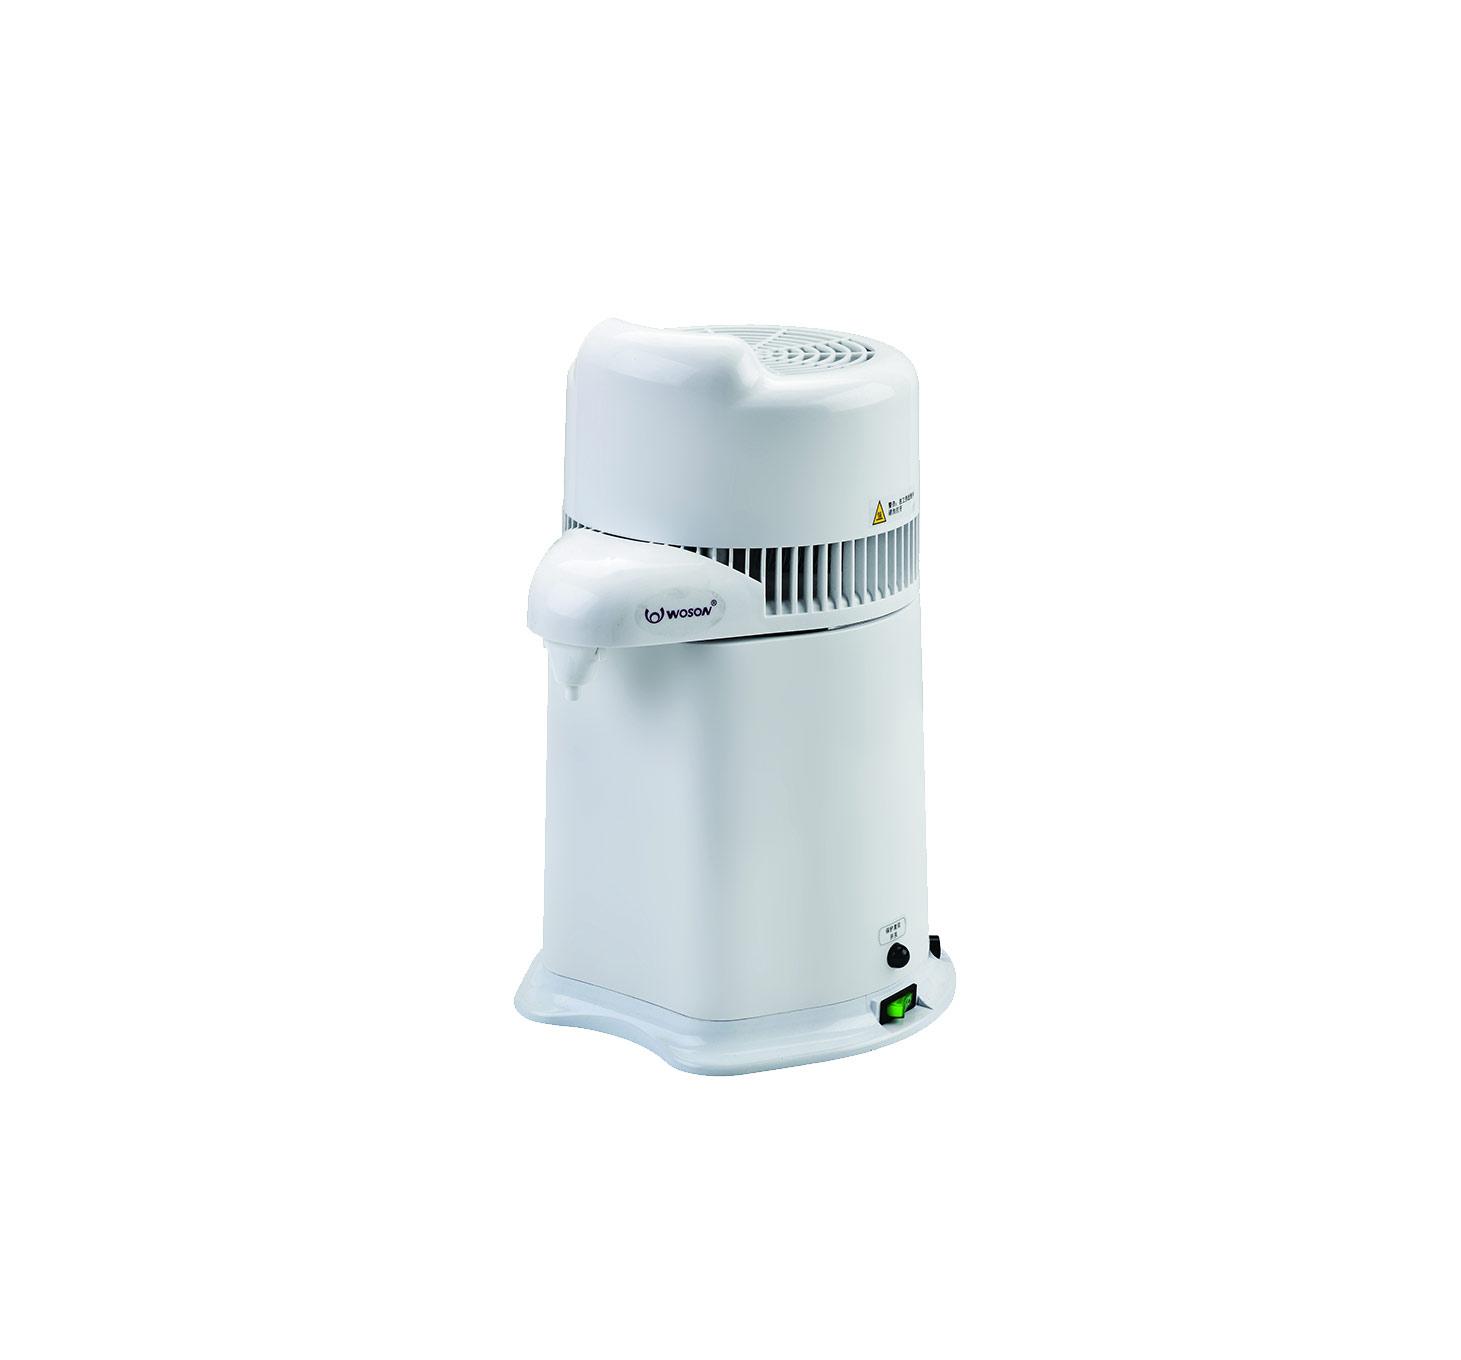 Waterdestilleerder: destilleert 4 liter in 4 uur | autoclaaf-shop